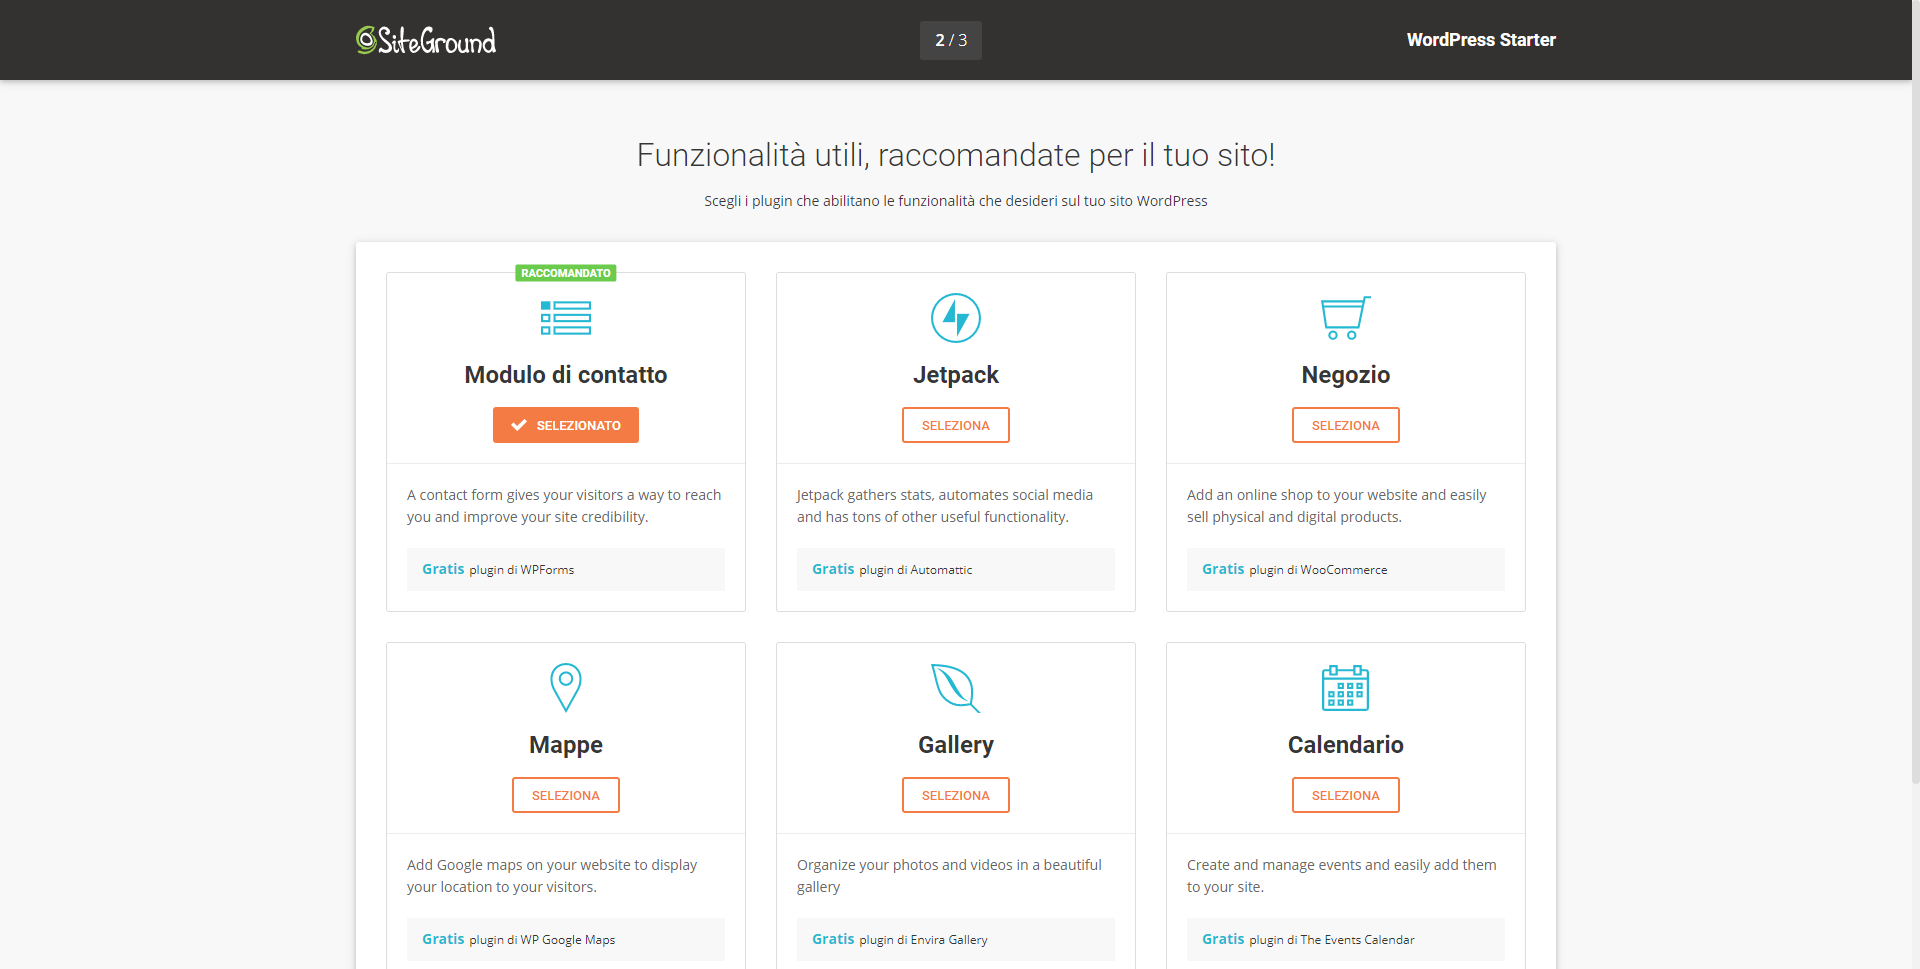 Funzionalità wordpress per il tuo sito